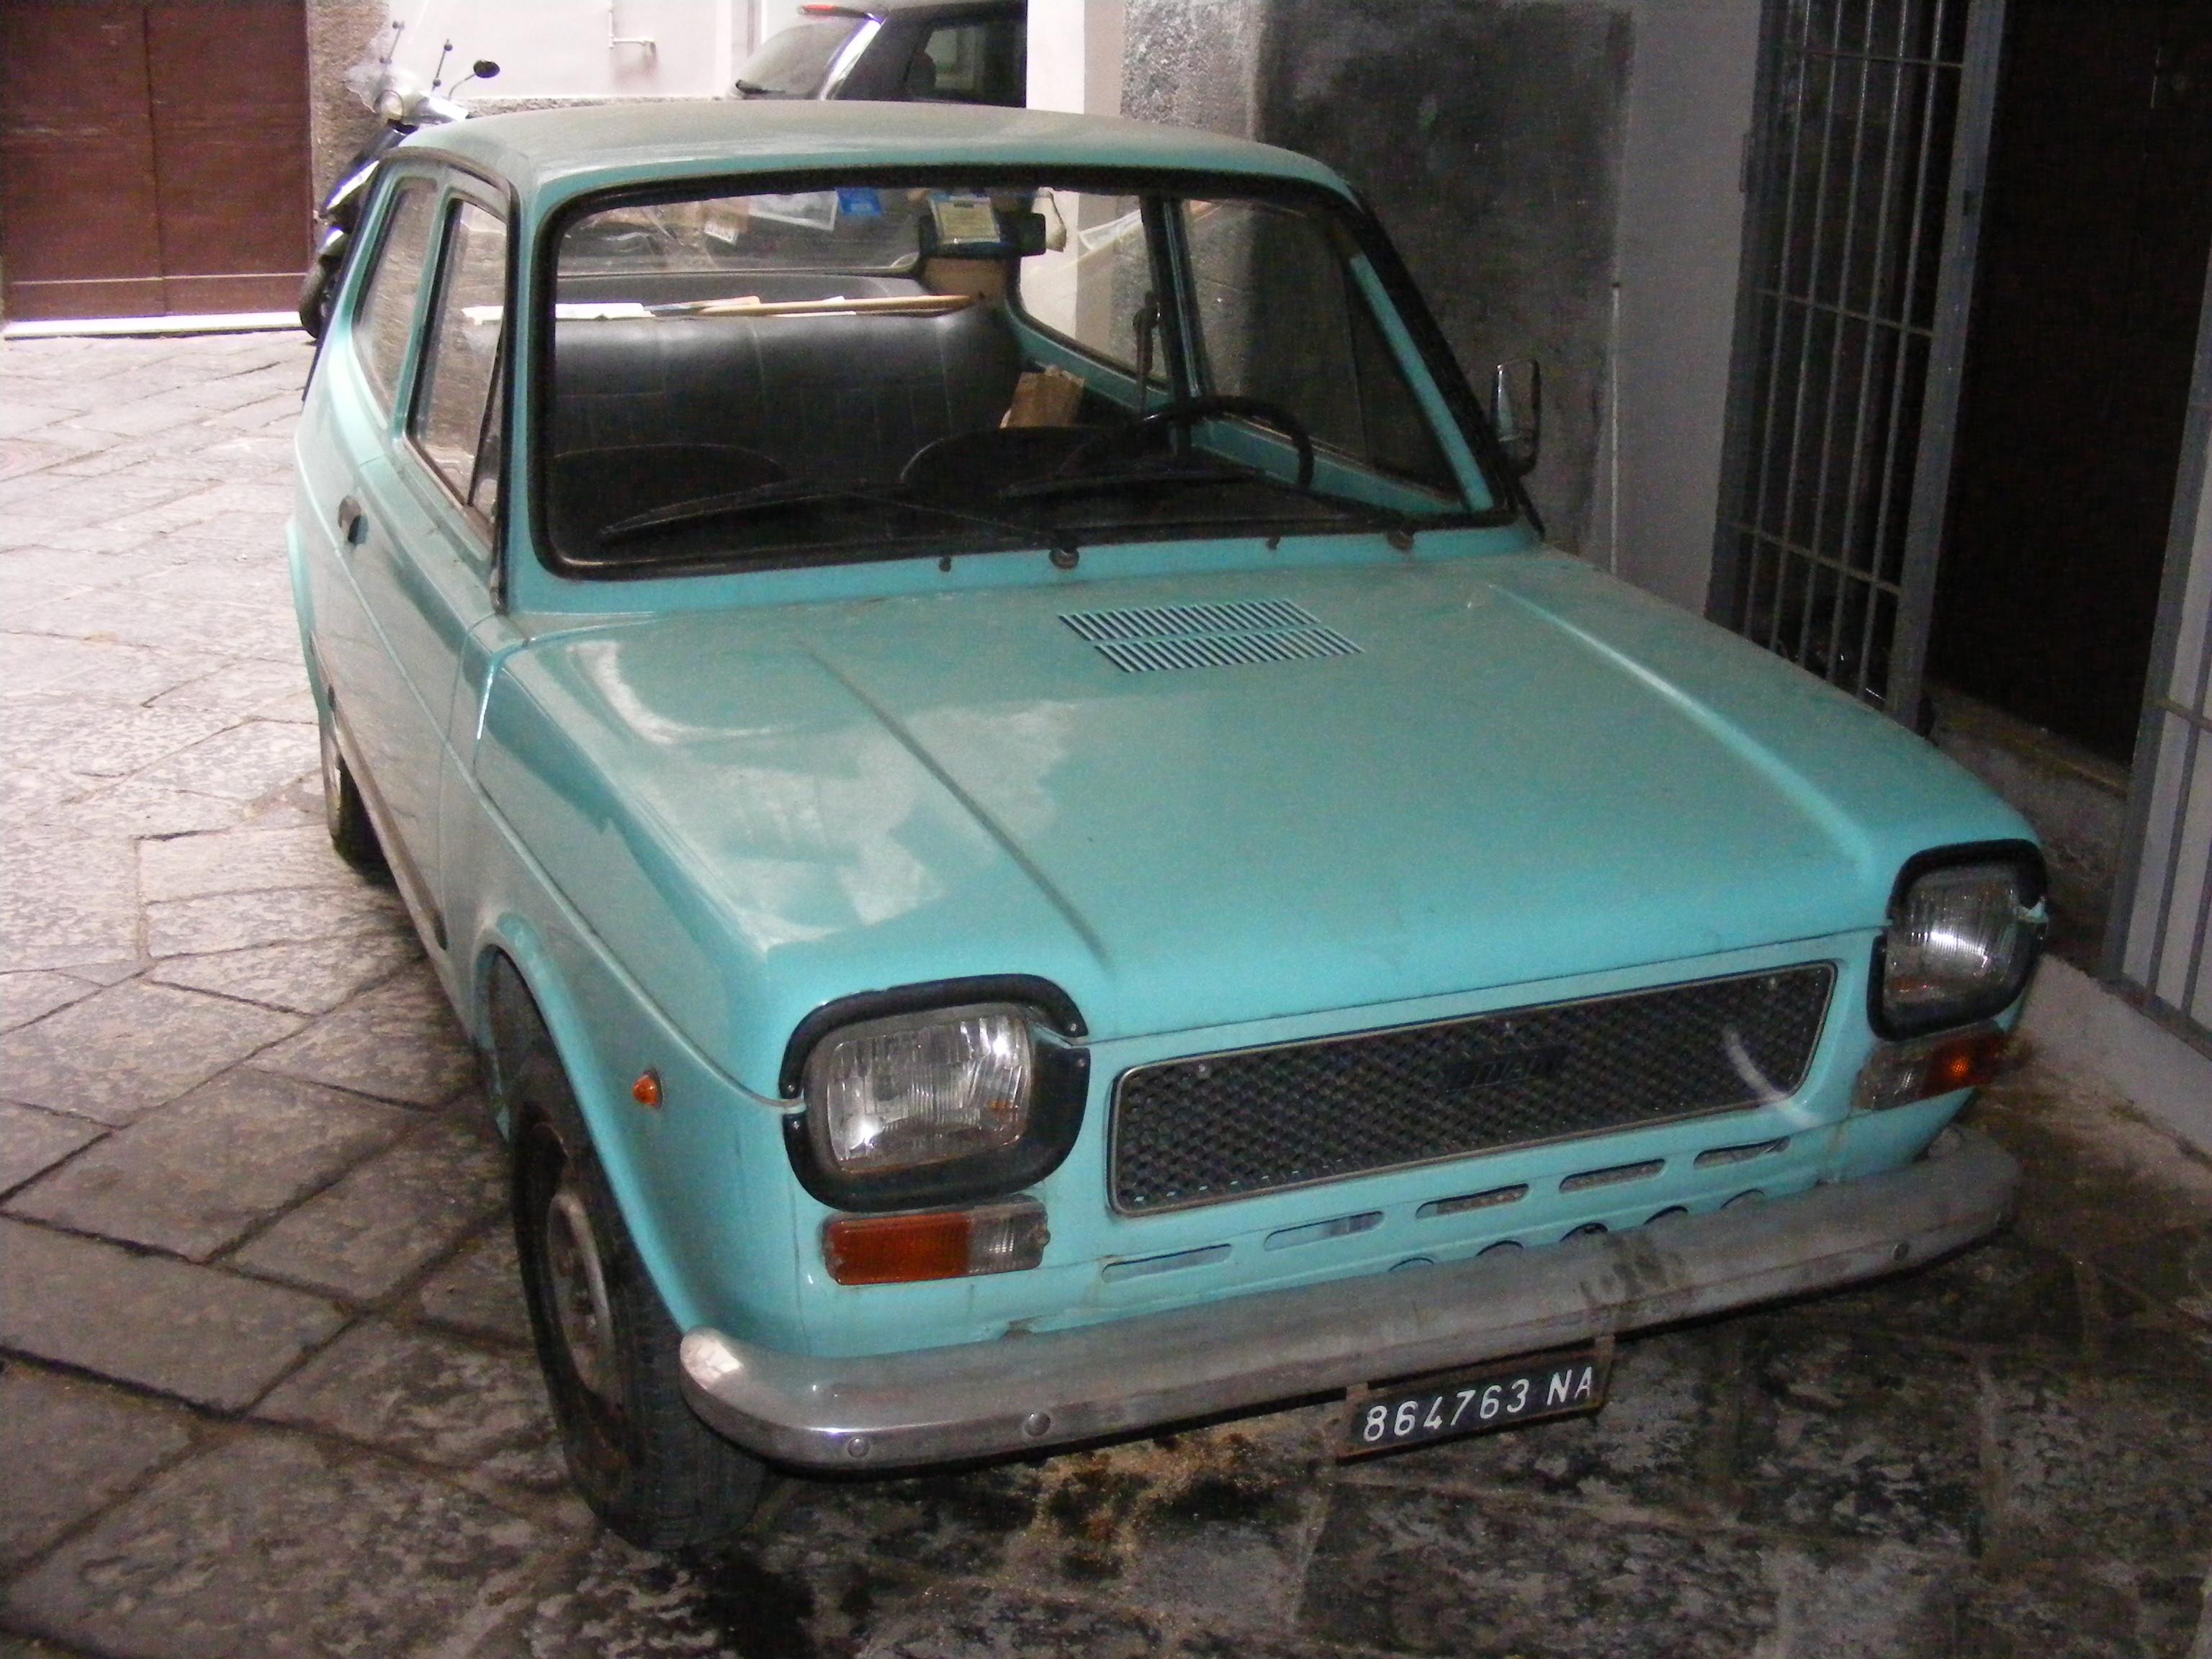 NUOVO INTERNO FIAT 132 RIVESTIMENTO POSTERIORE ORIGINALE